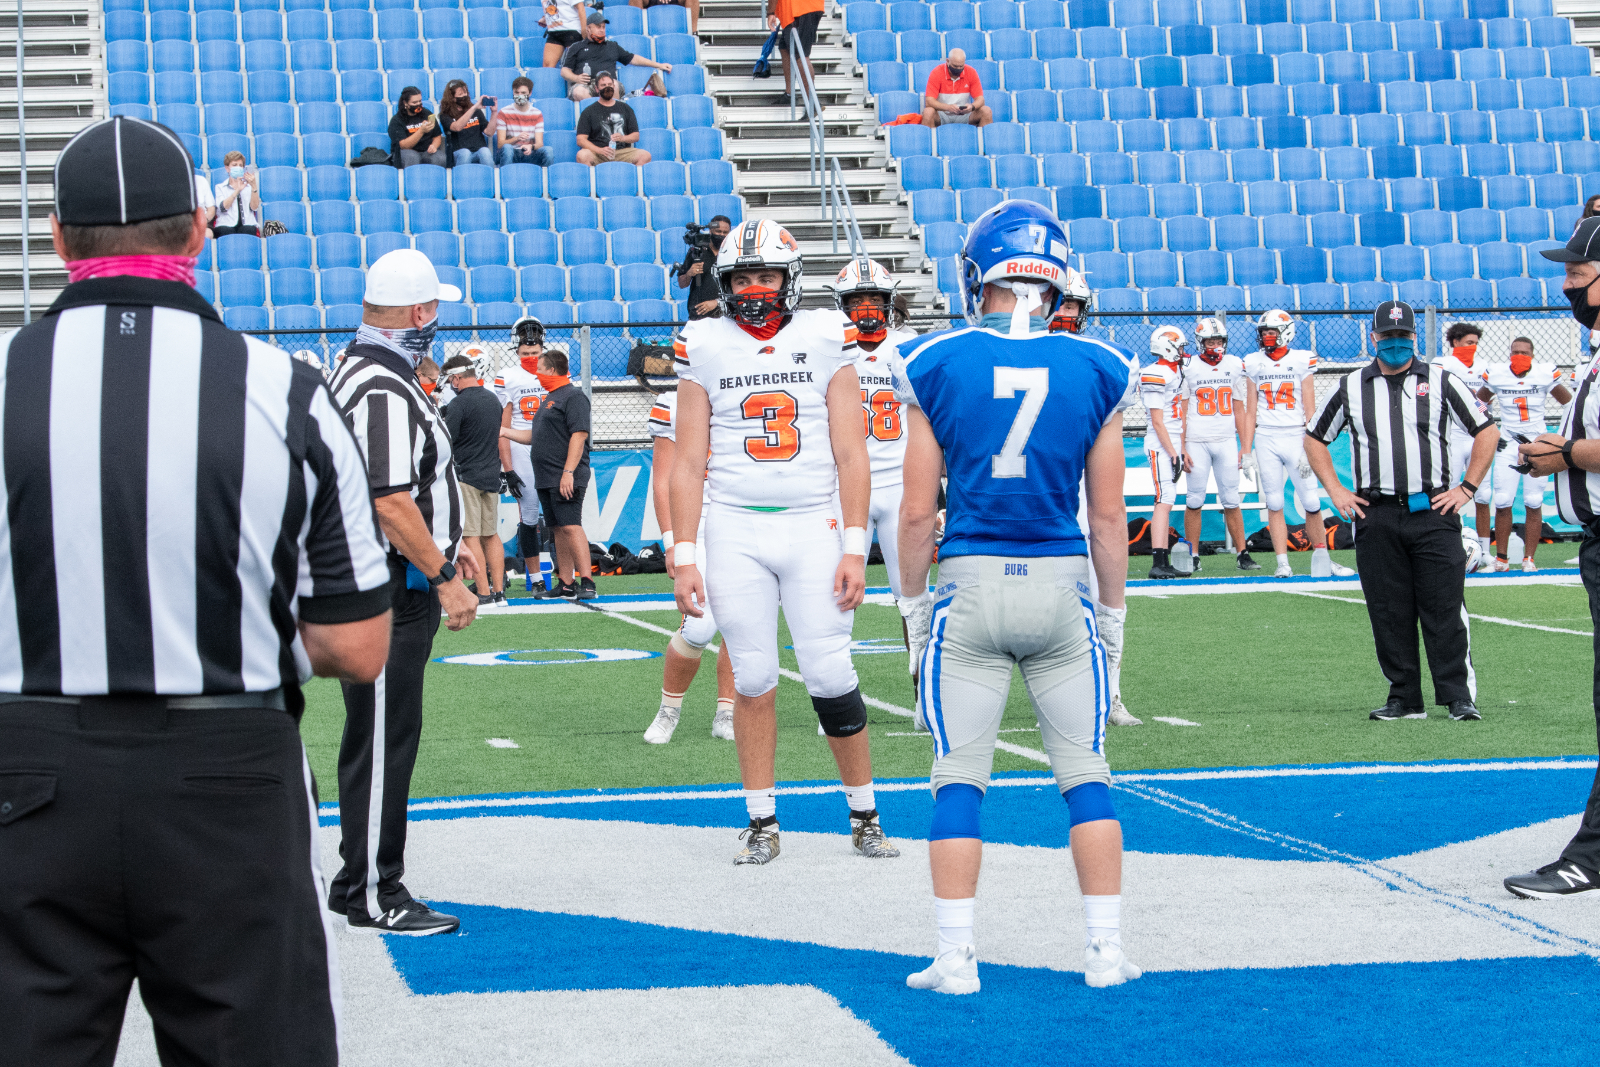 Varsity Football vs Beavercreek 8/28/2020